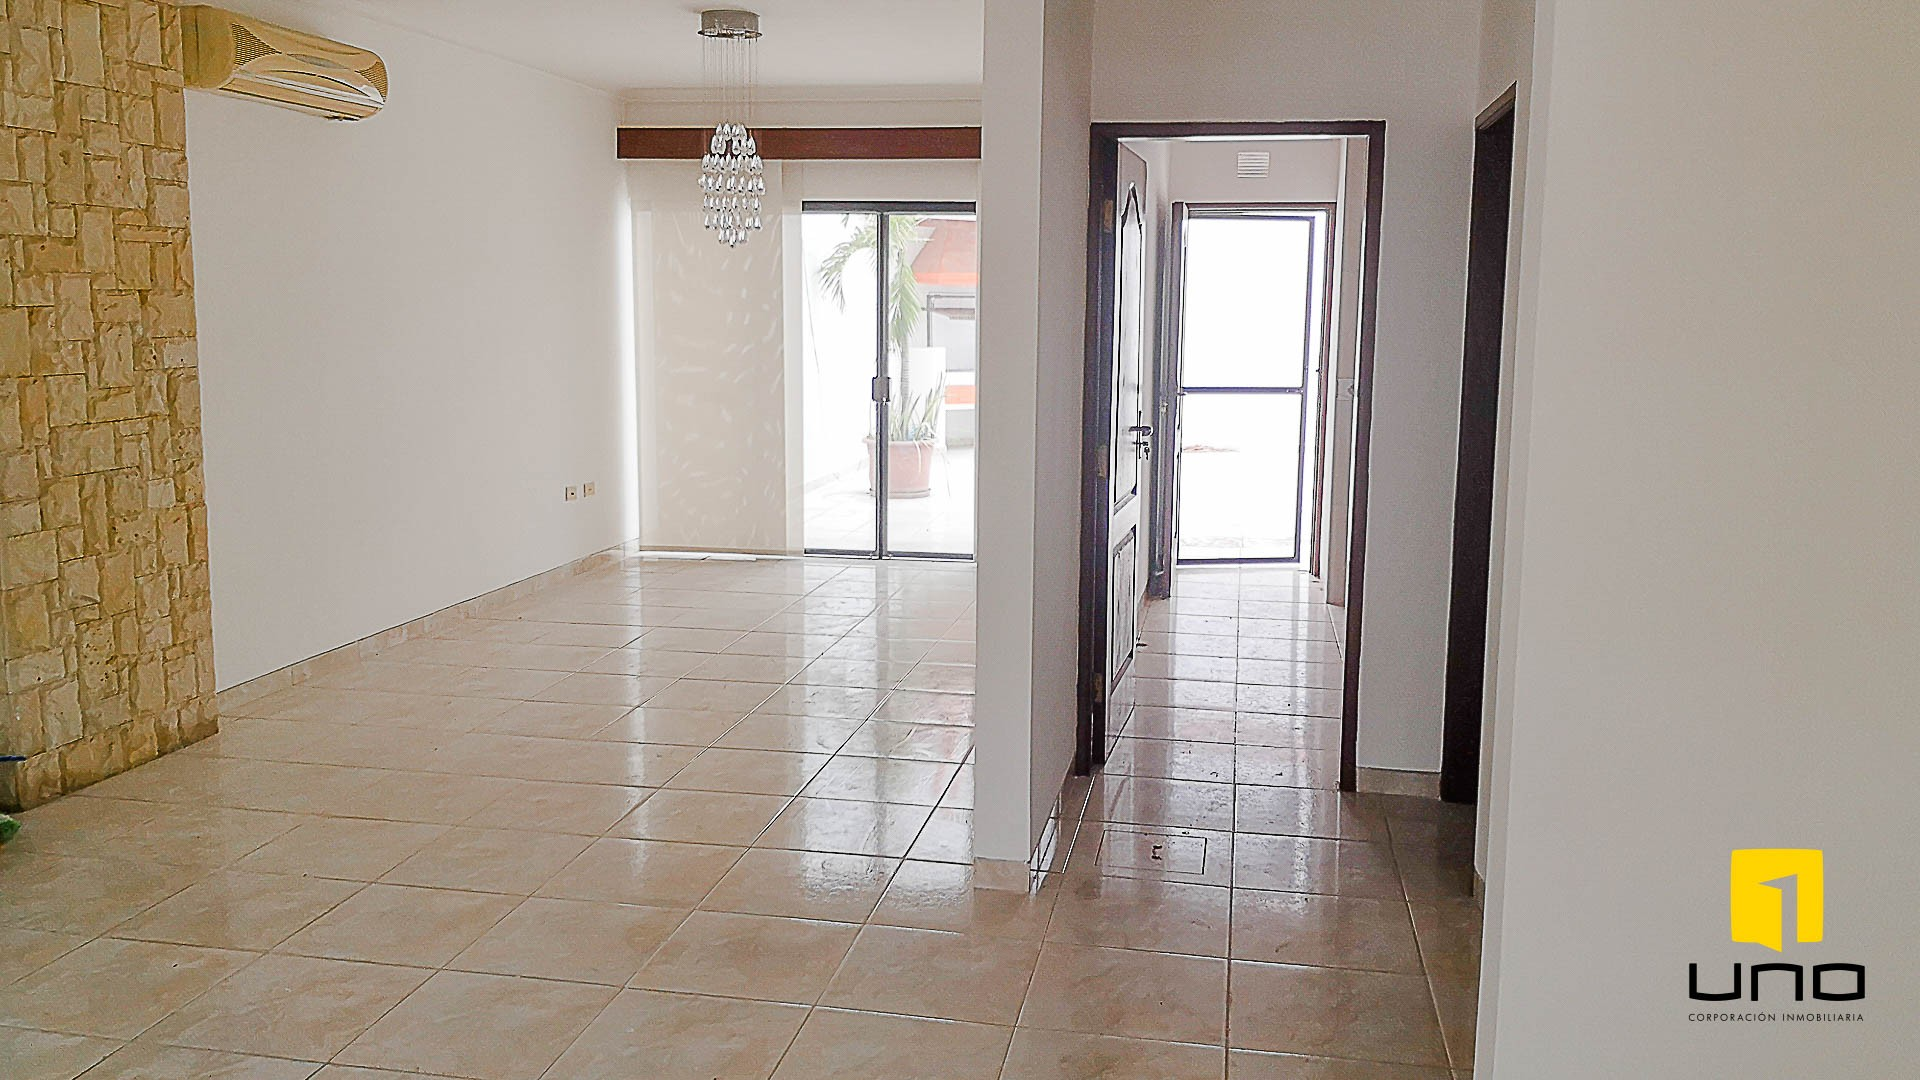 Casa en Venta $us 150.000 VENDO CASA AV ALEMANA DENTRO 3ER ANILLO TIPO DUPLEX Foto 13